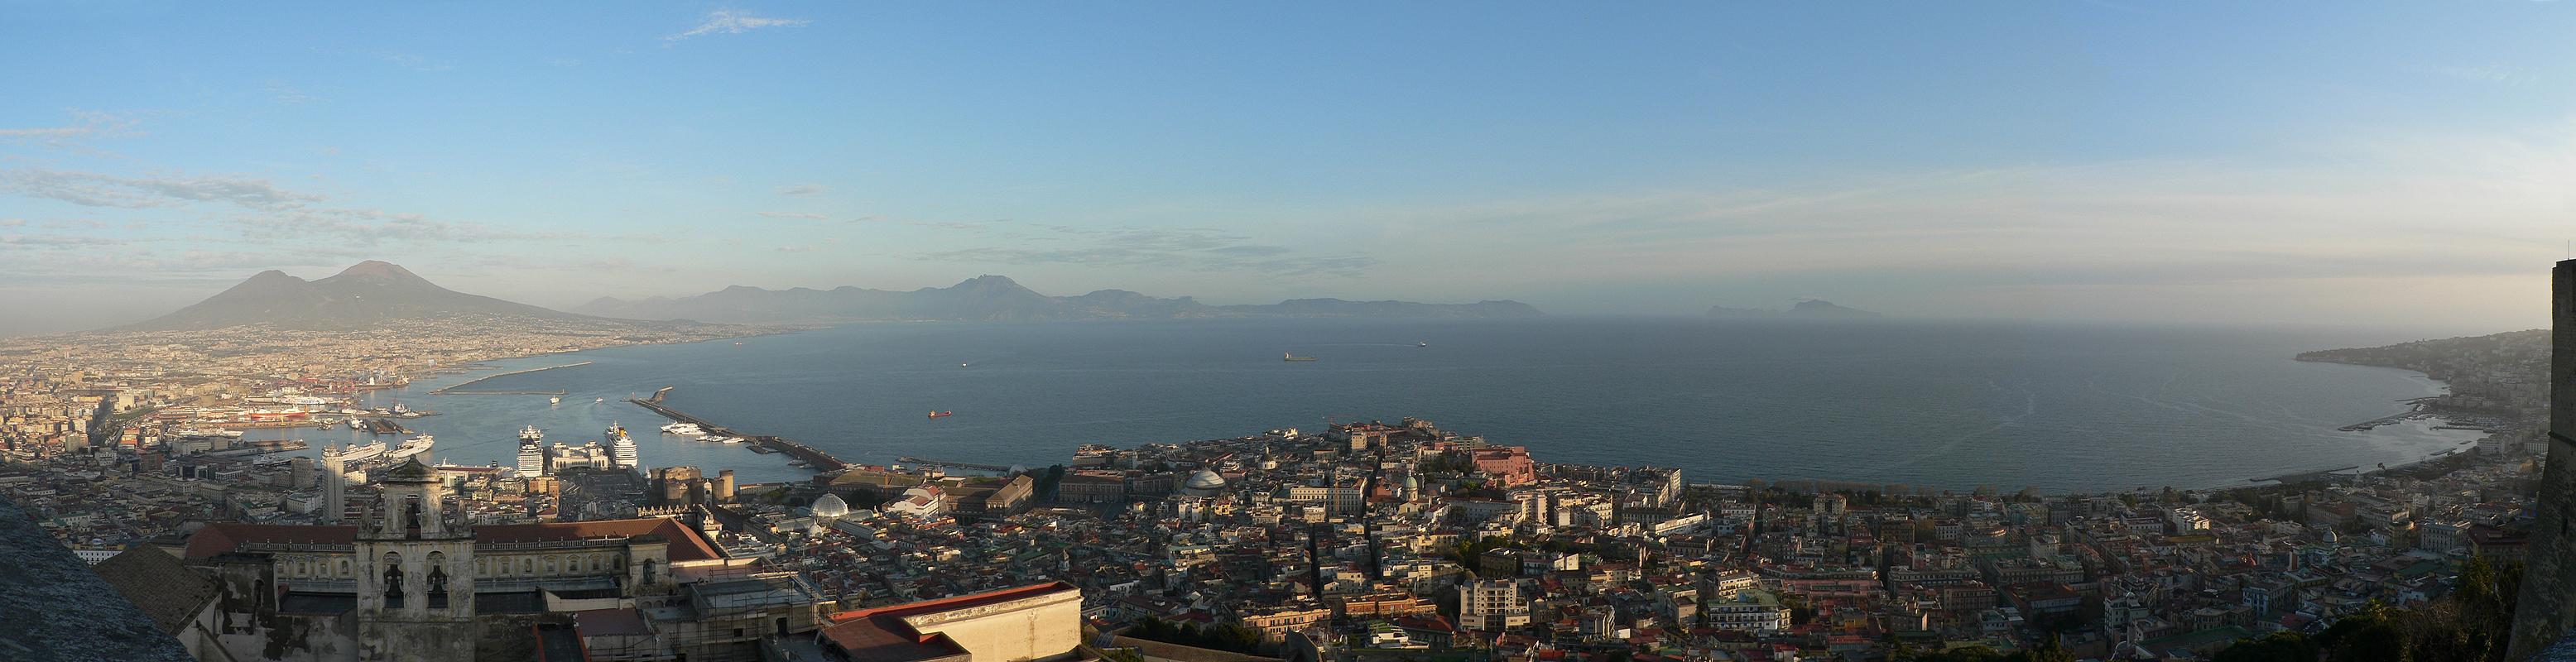 Nápoles, ciudad fascinante